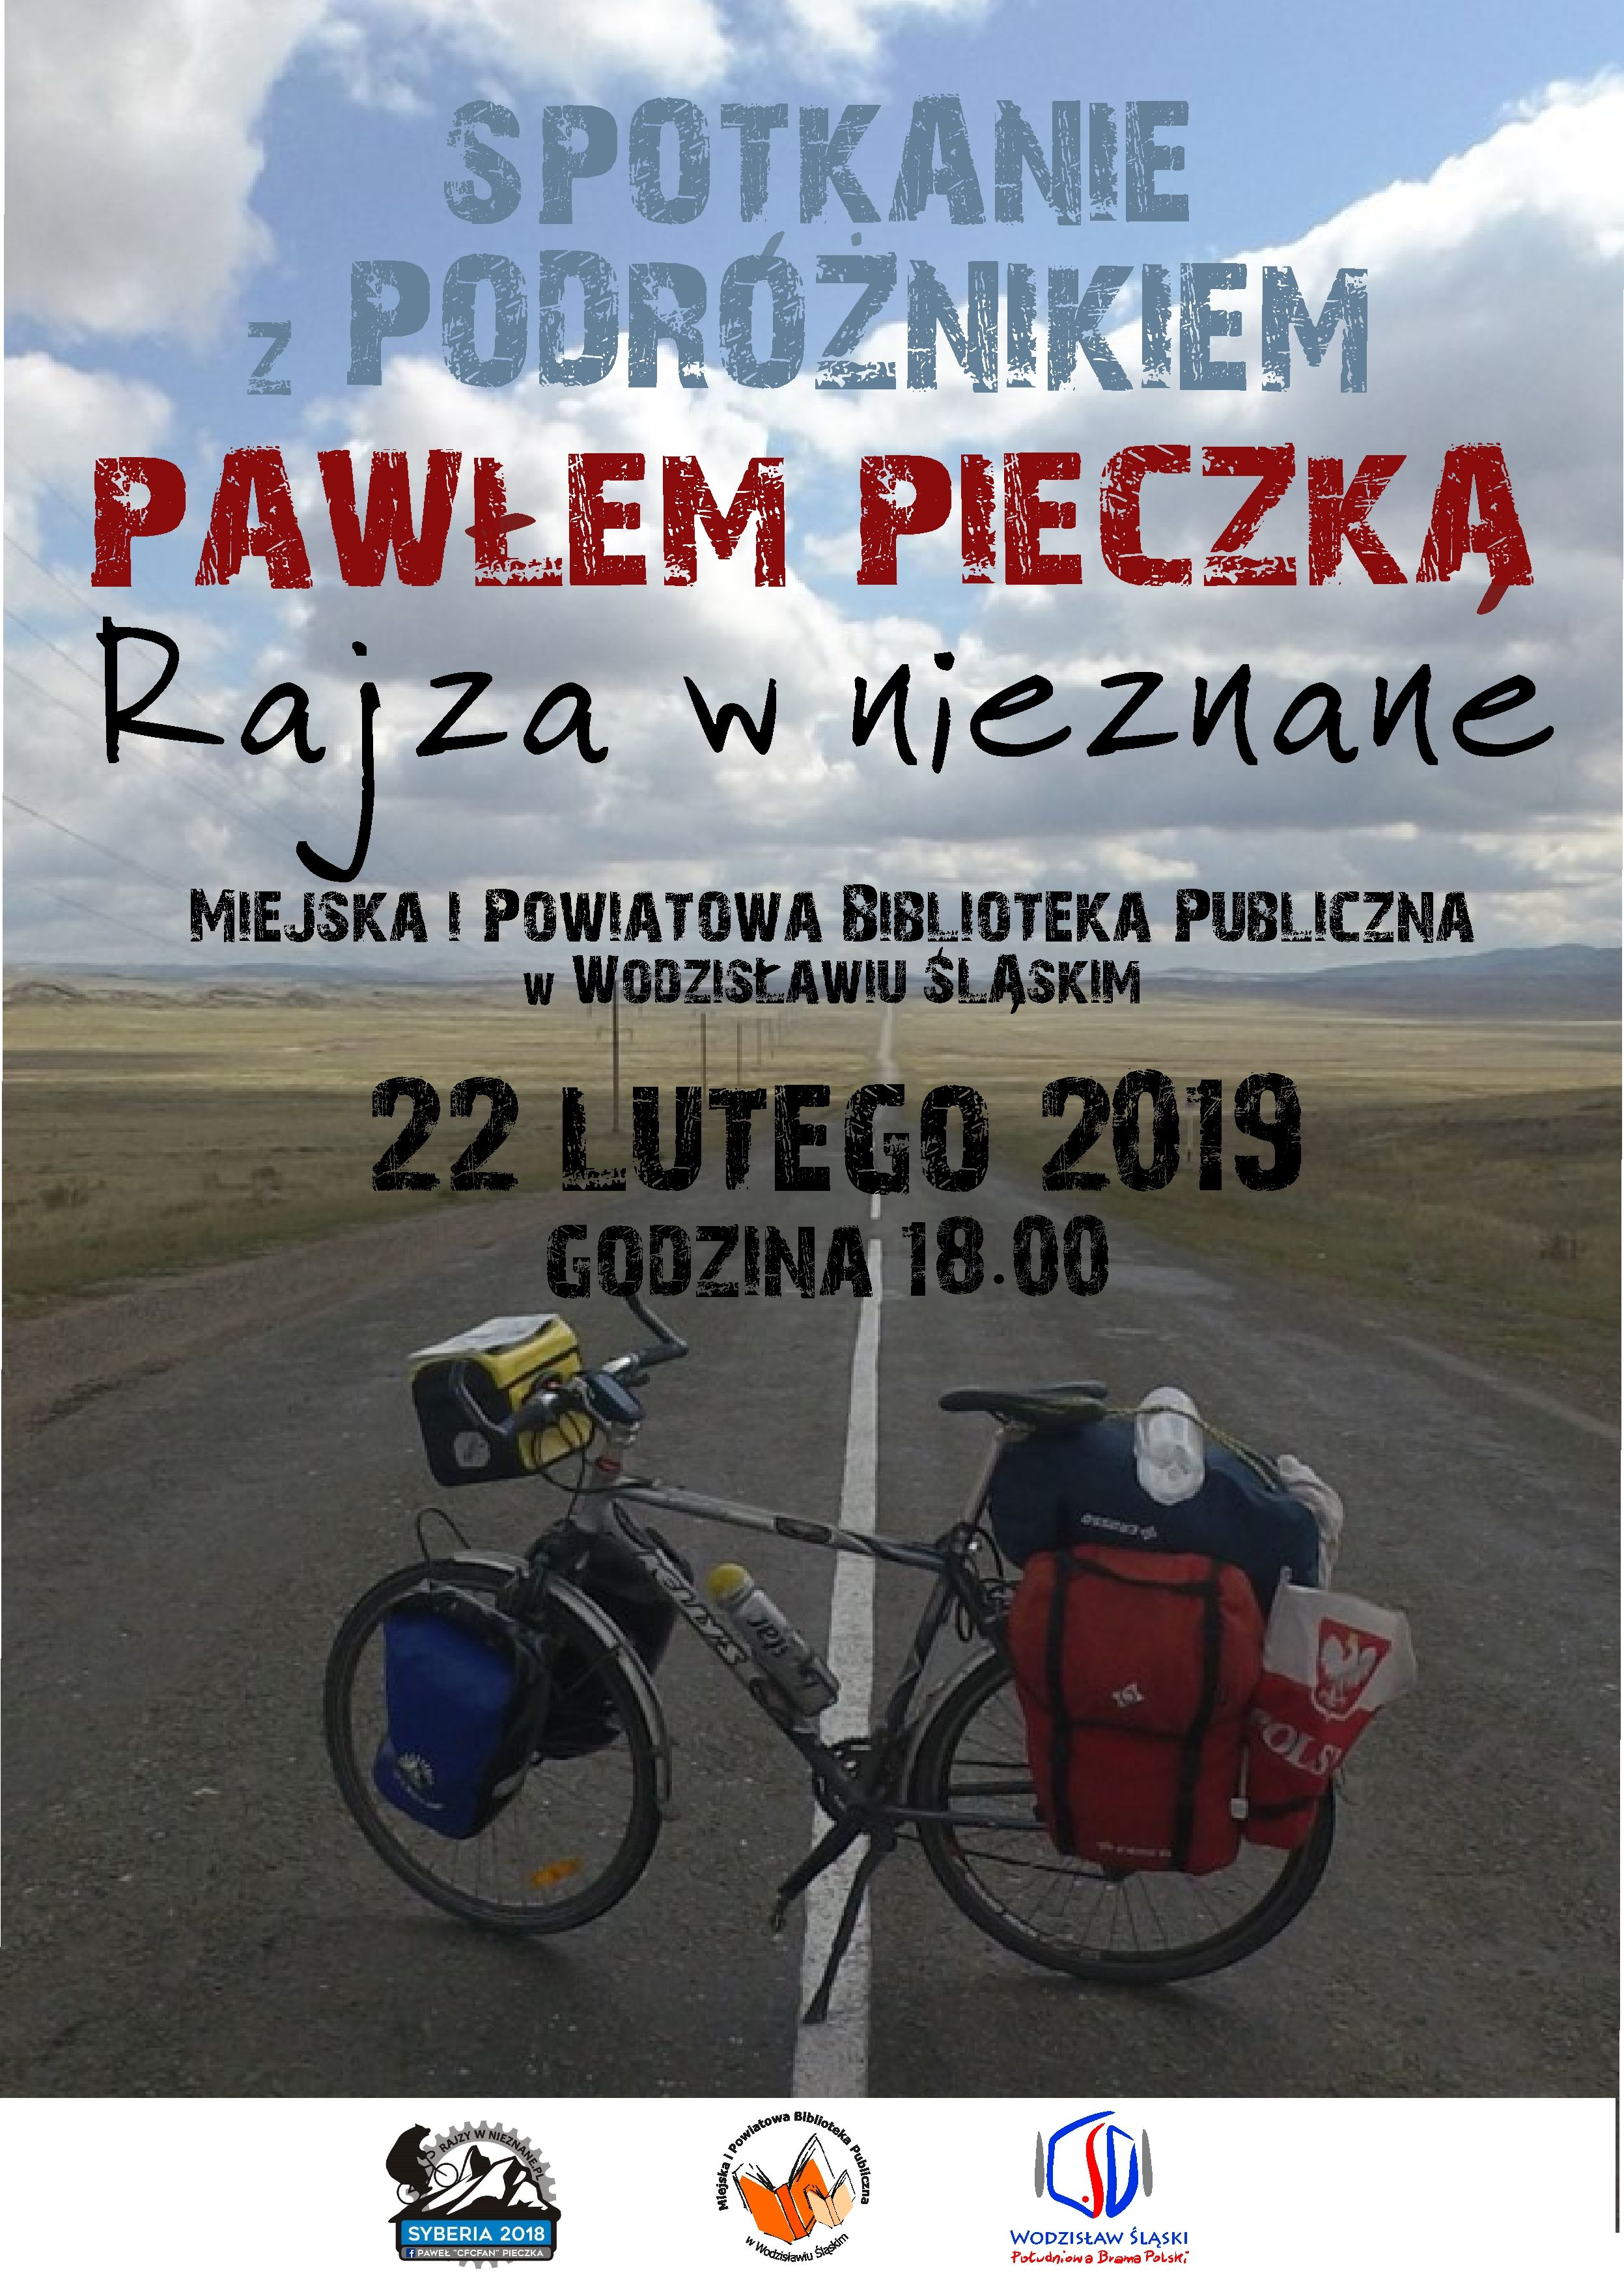 Paweł Pieczka – Plakat